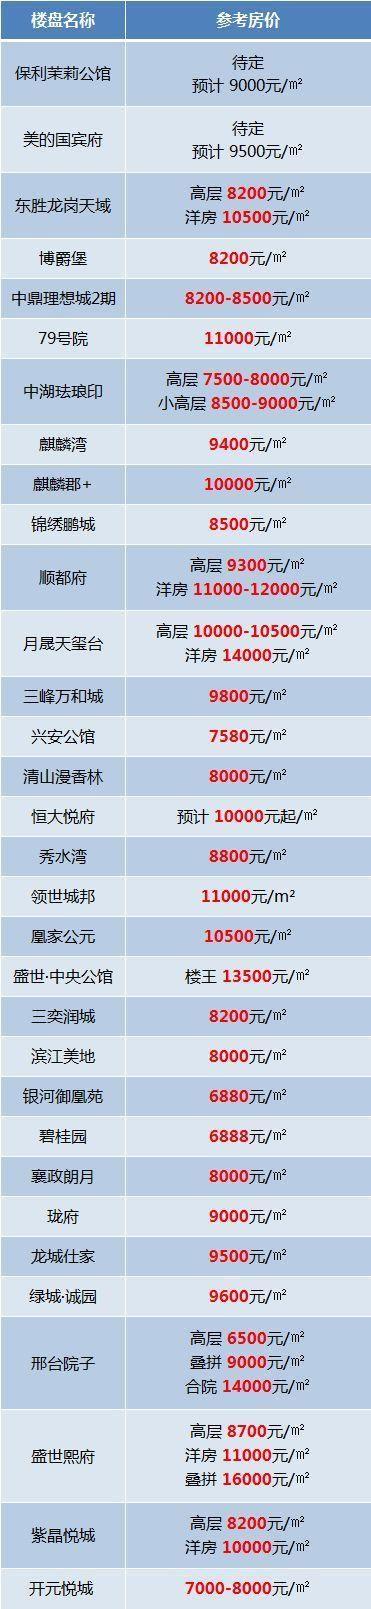 邢台64大楼盘最新房价,快看看你家房子涨了多少!